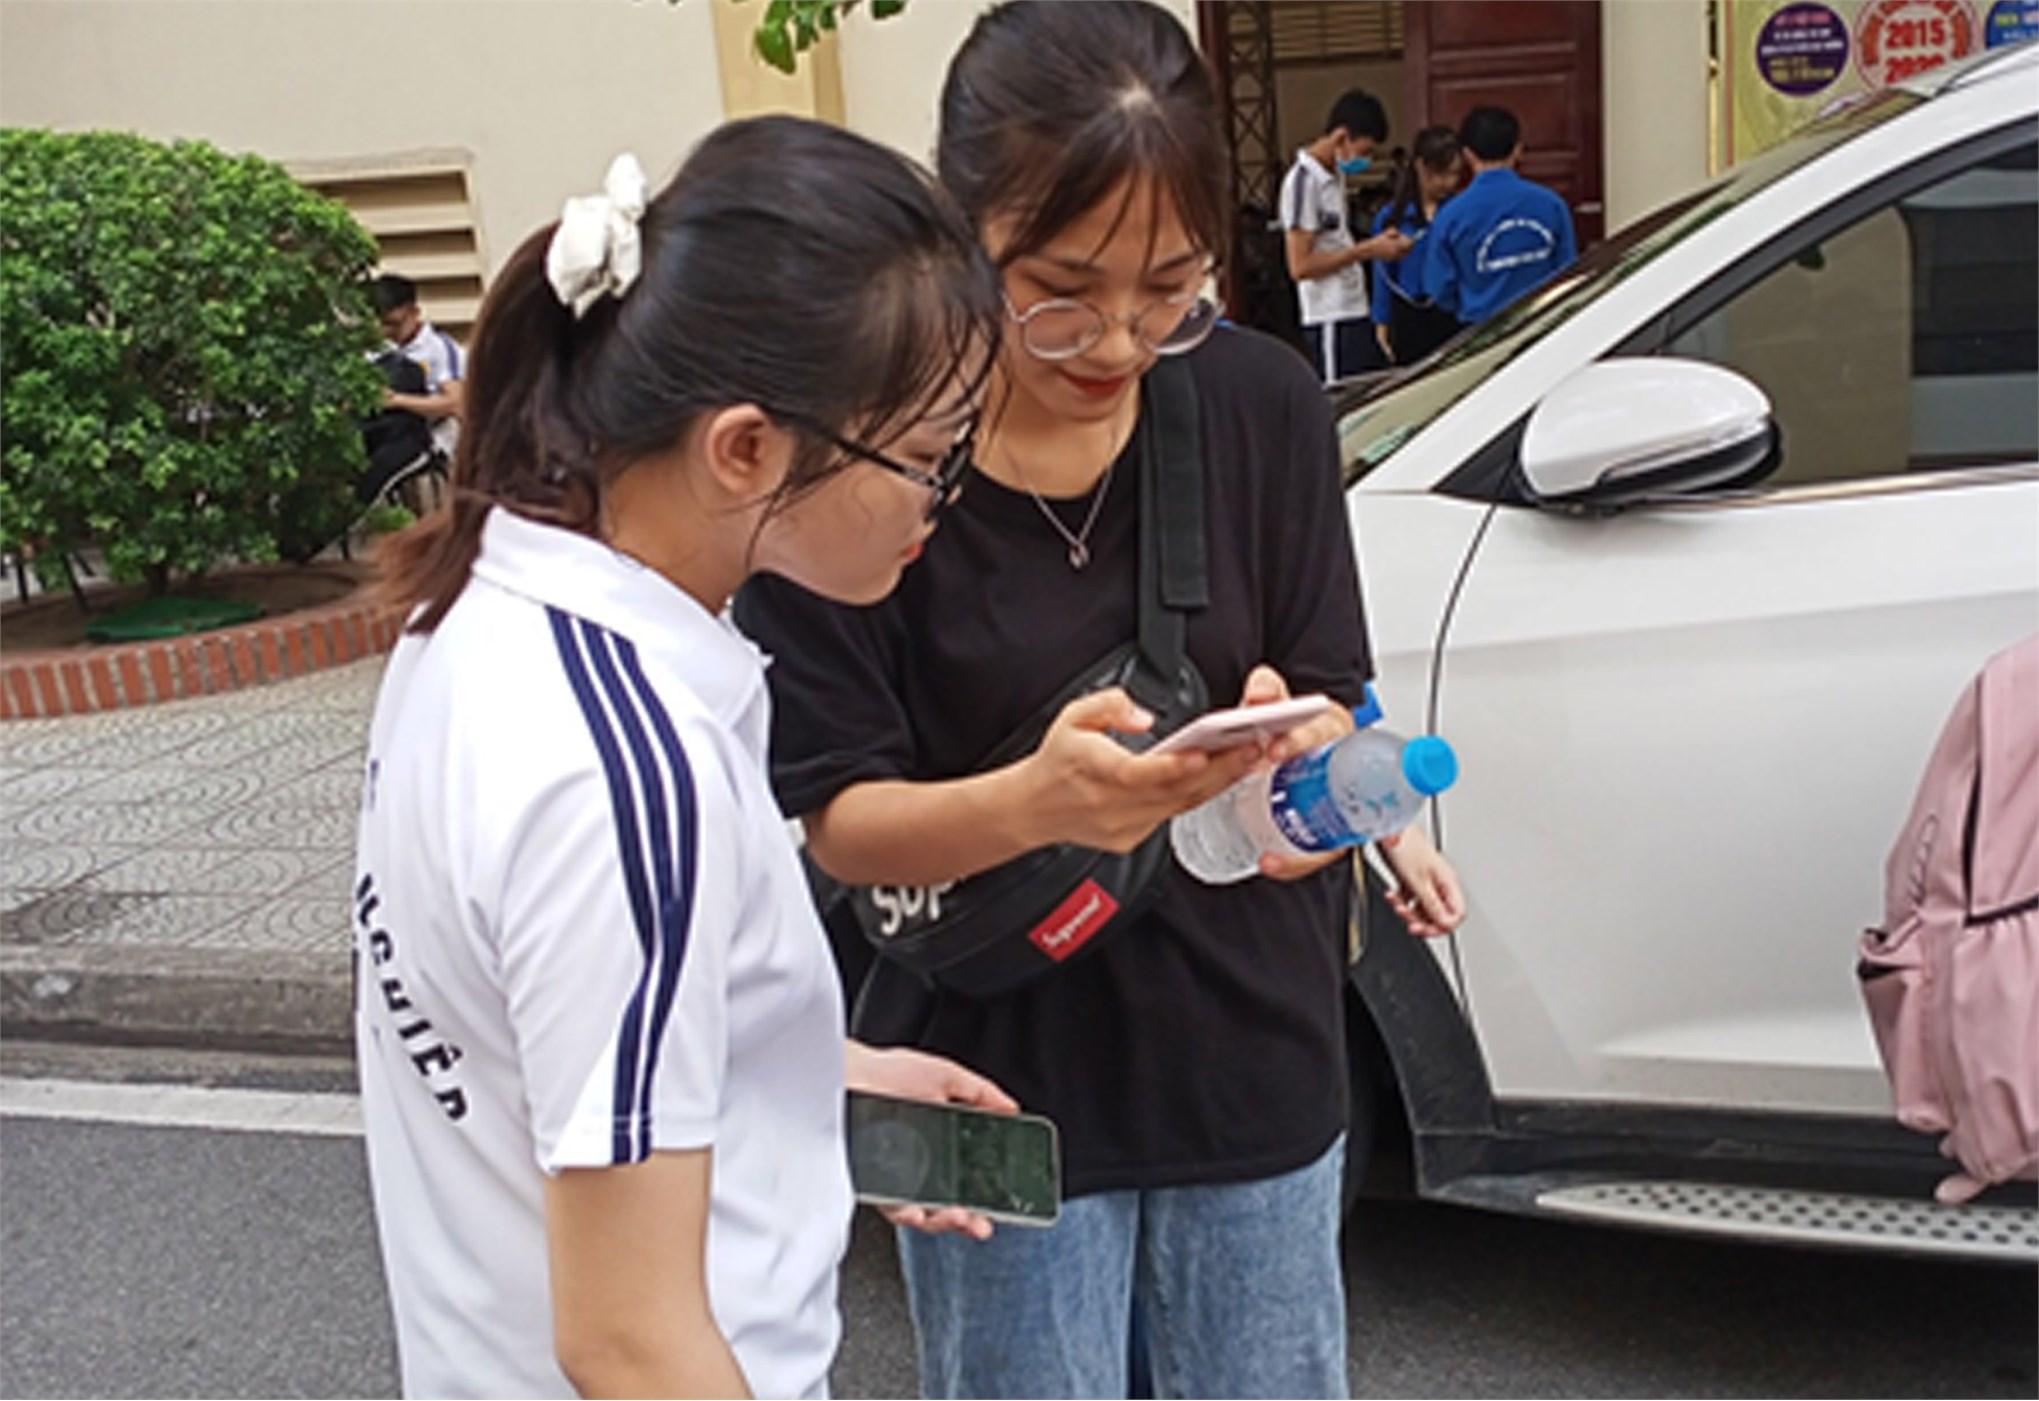 Đội sinh viên trường Đại học Công nghiệp Hà Nội lọt vào vòng bảng chương trình SV2020